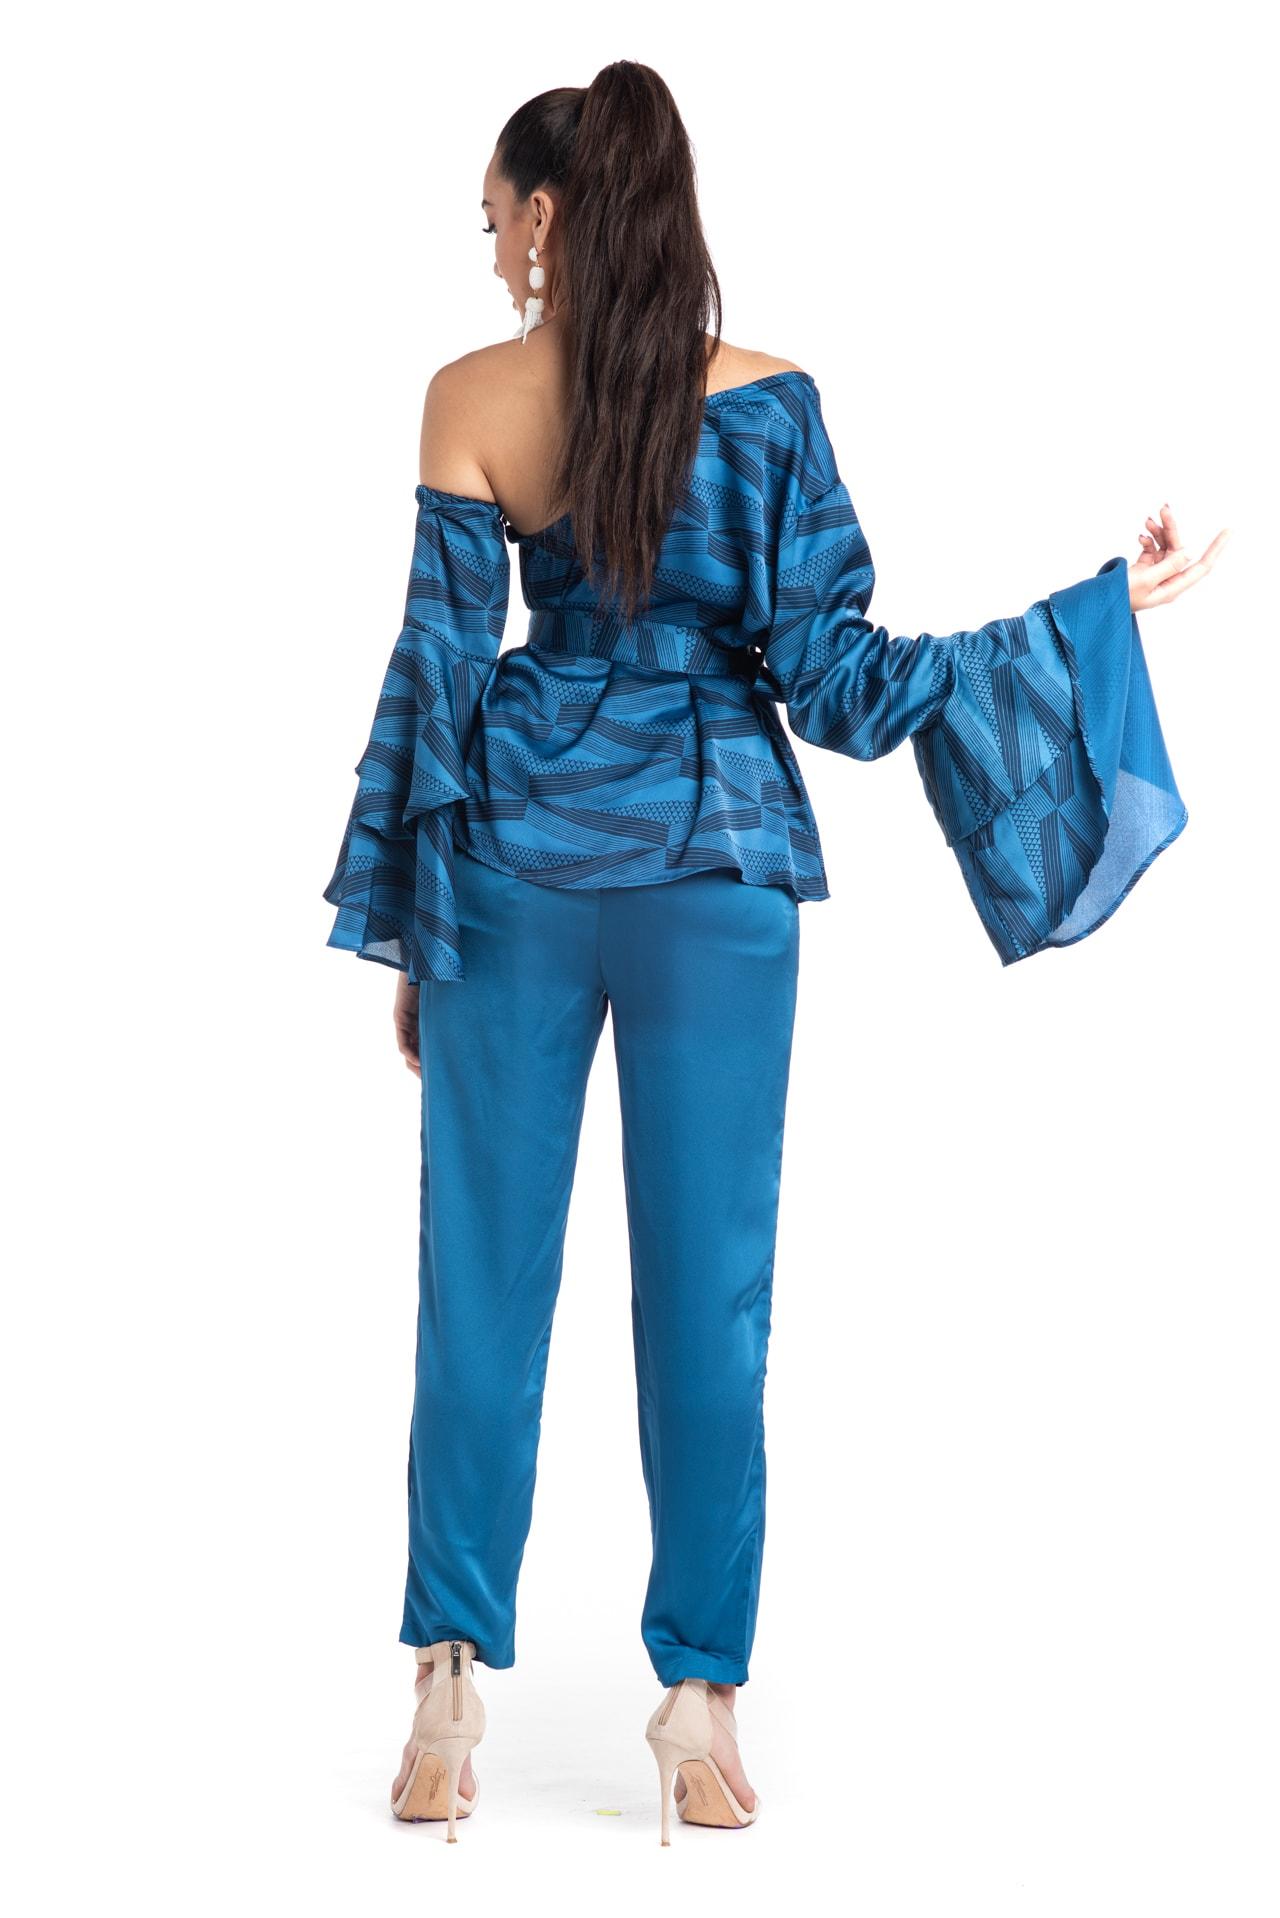 Model wearing Venus Top in Blue - Back View